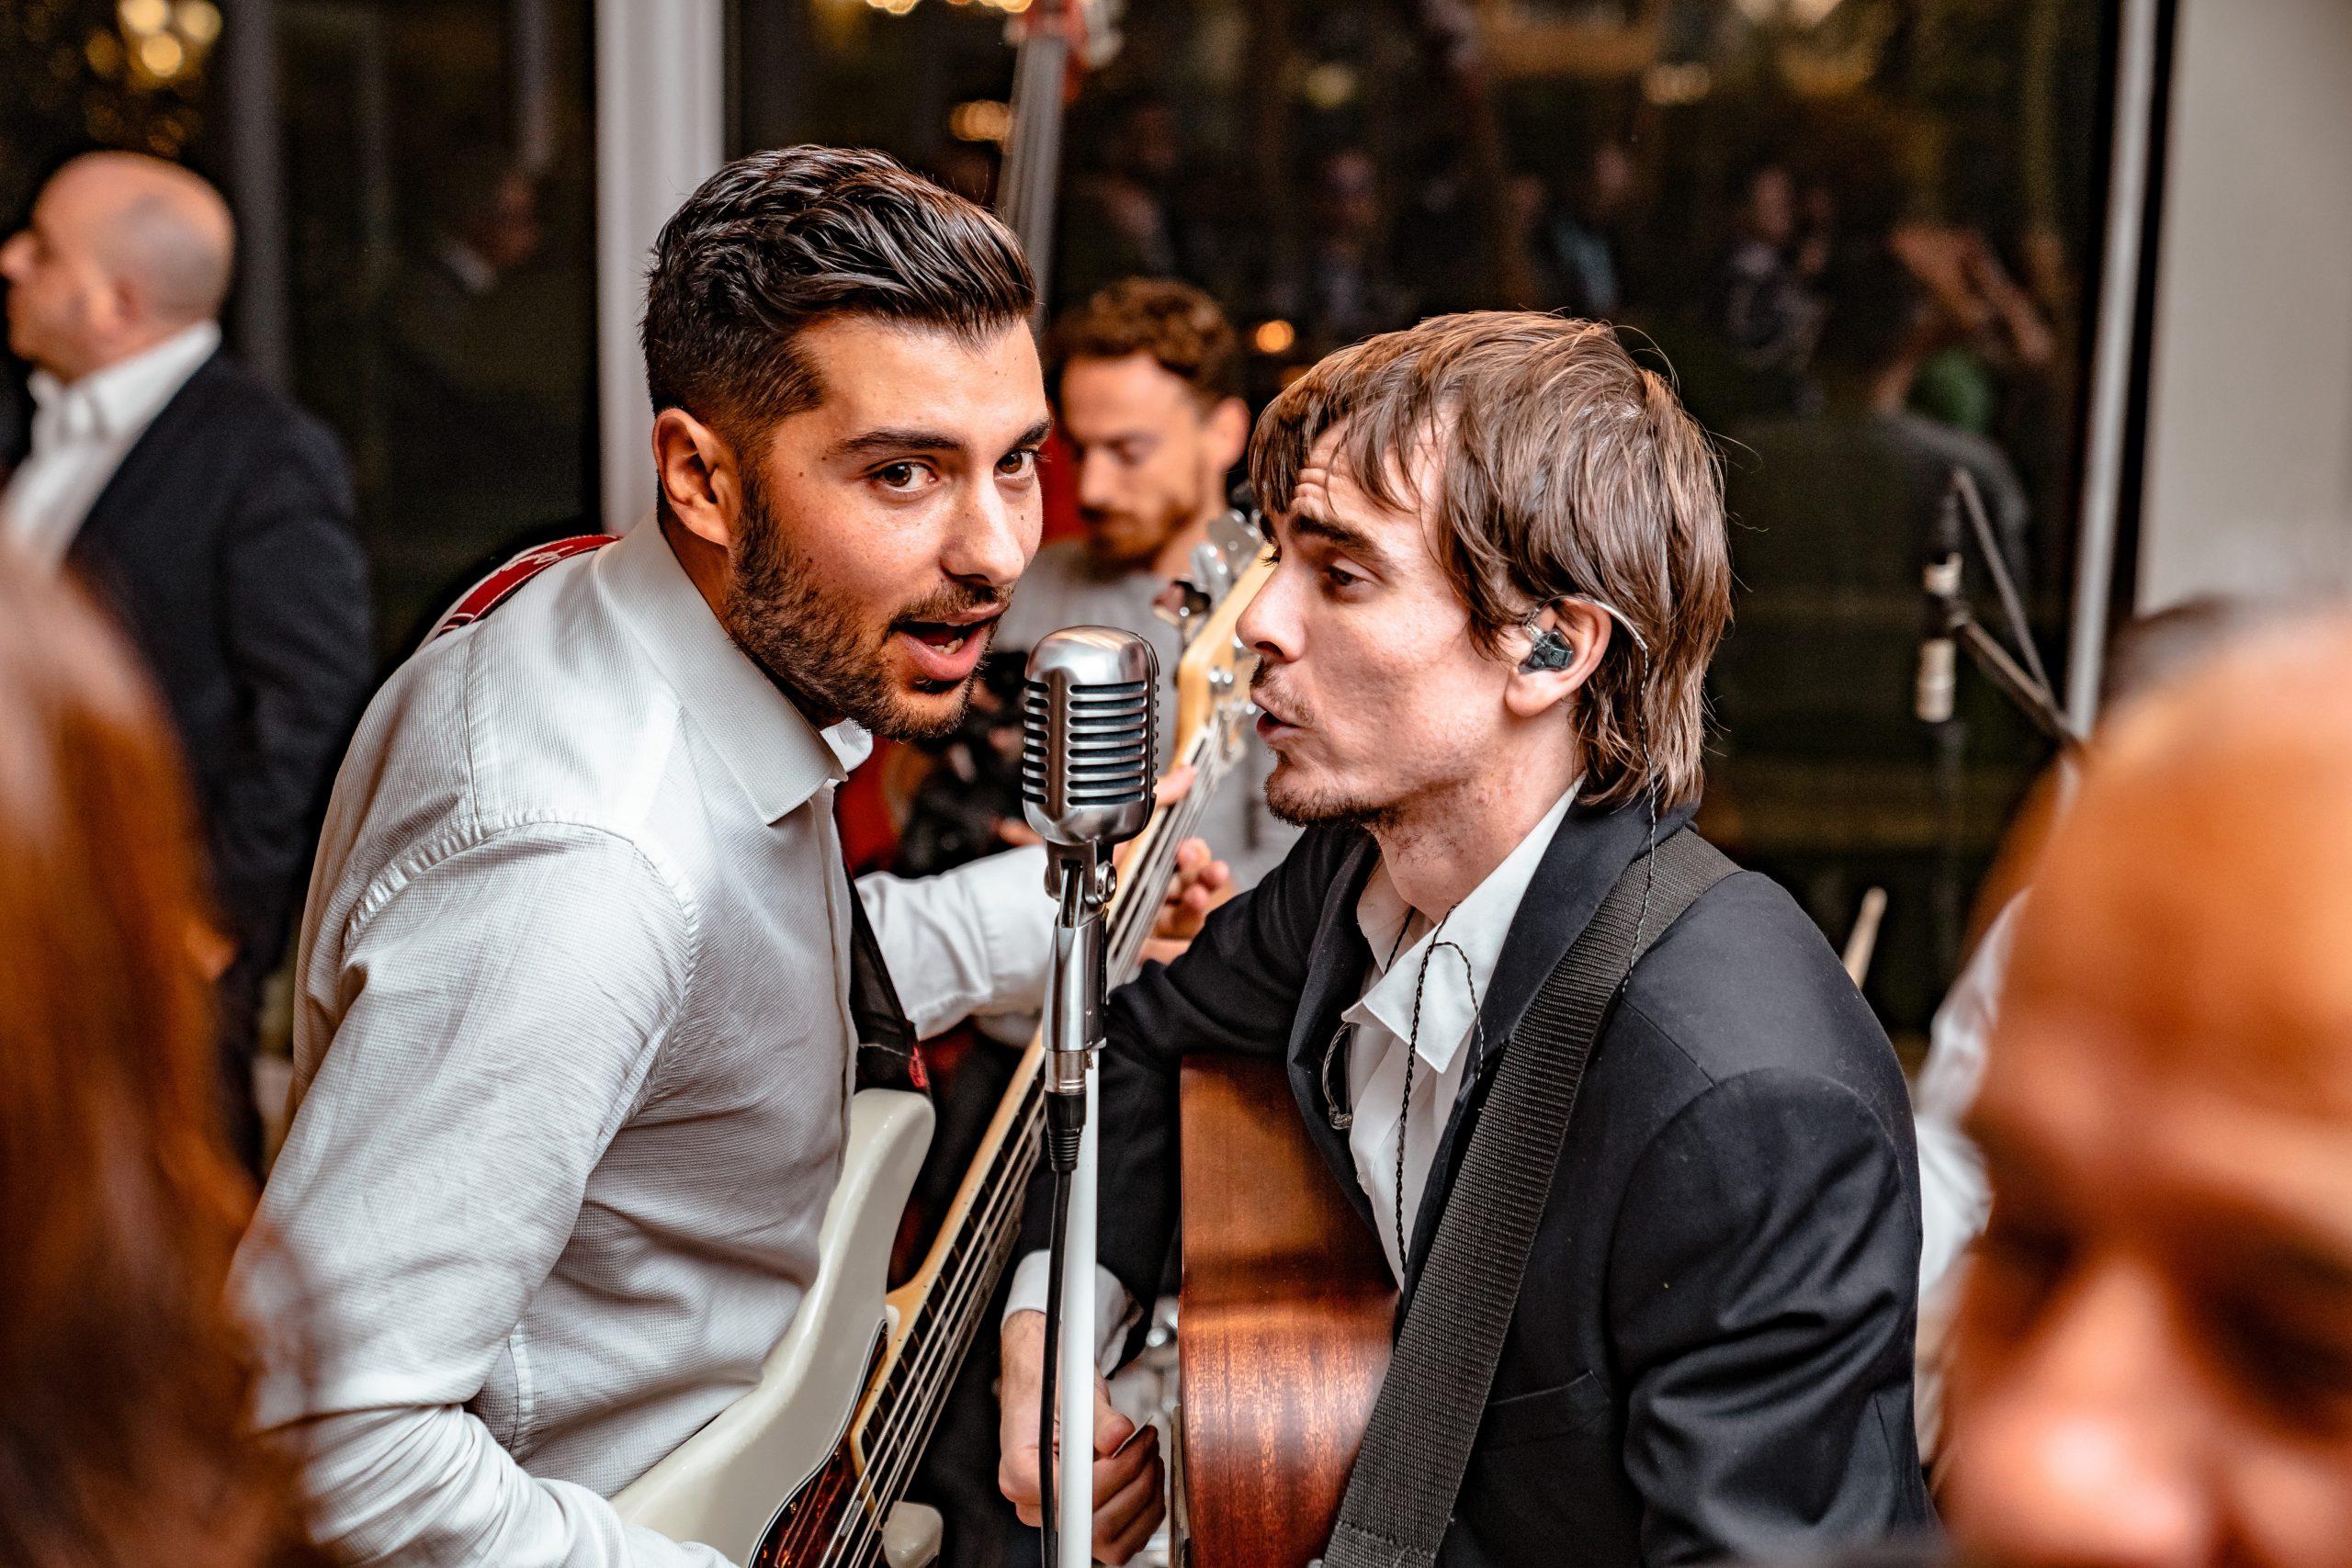 men playing guitar and singing